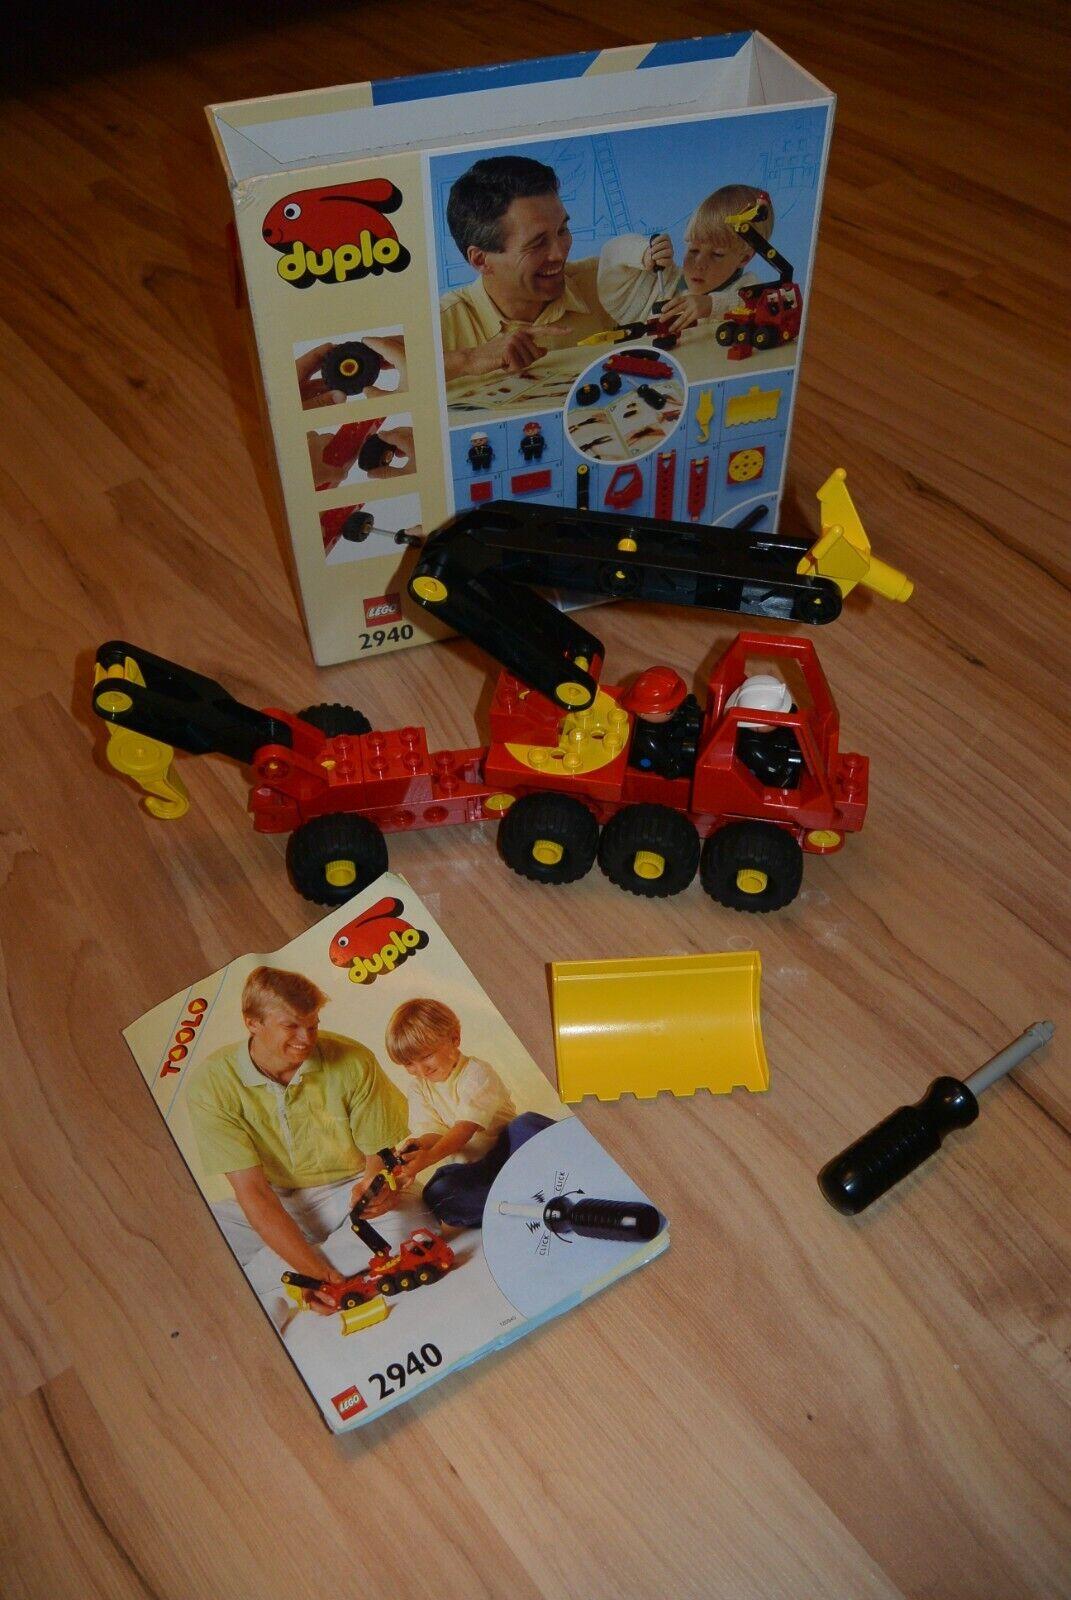 Lego Duplo Toolo Feuerwehrauto Feuerwehrwagen Wasserwerfer Löschfahrzeug 2940OVP